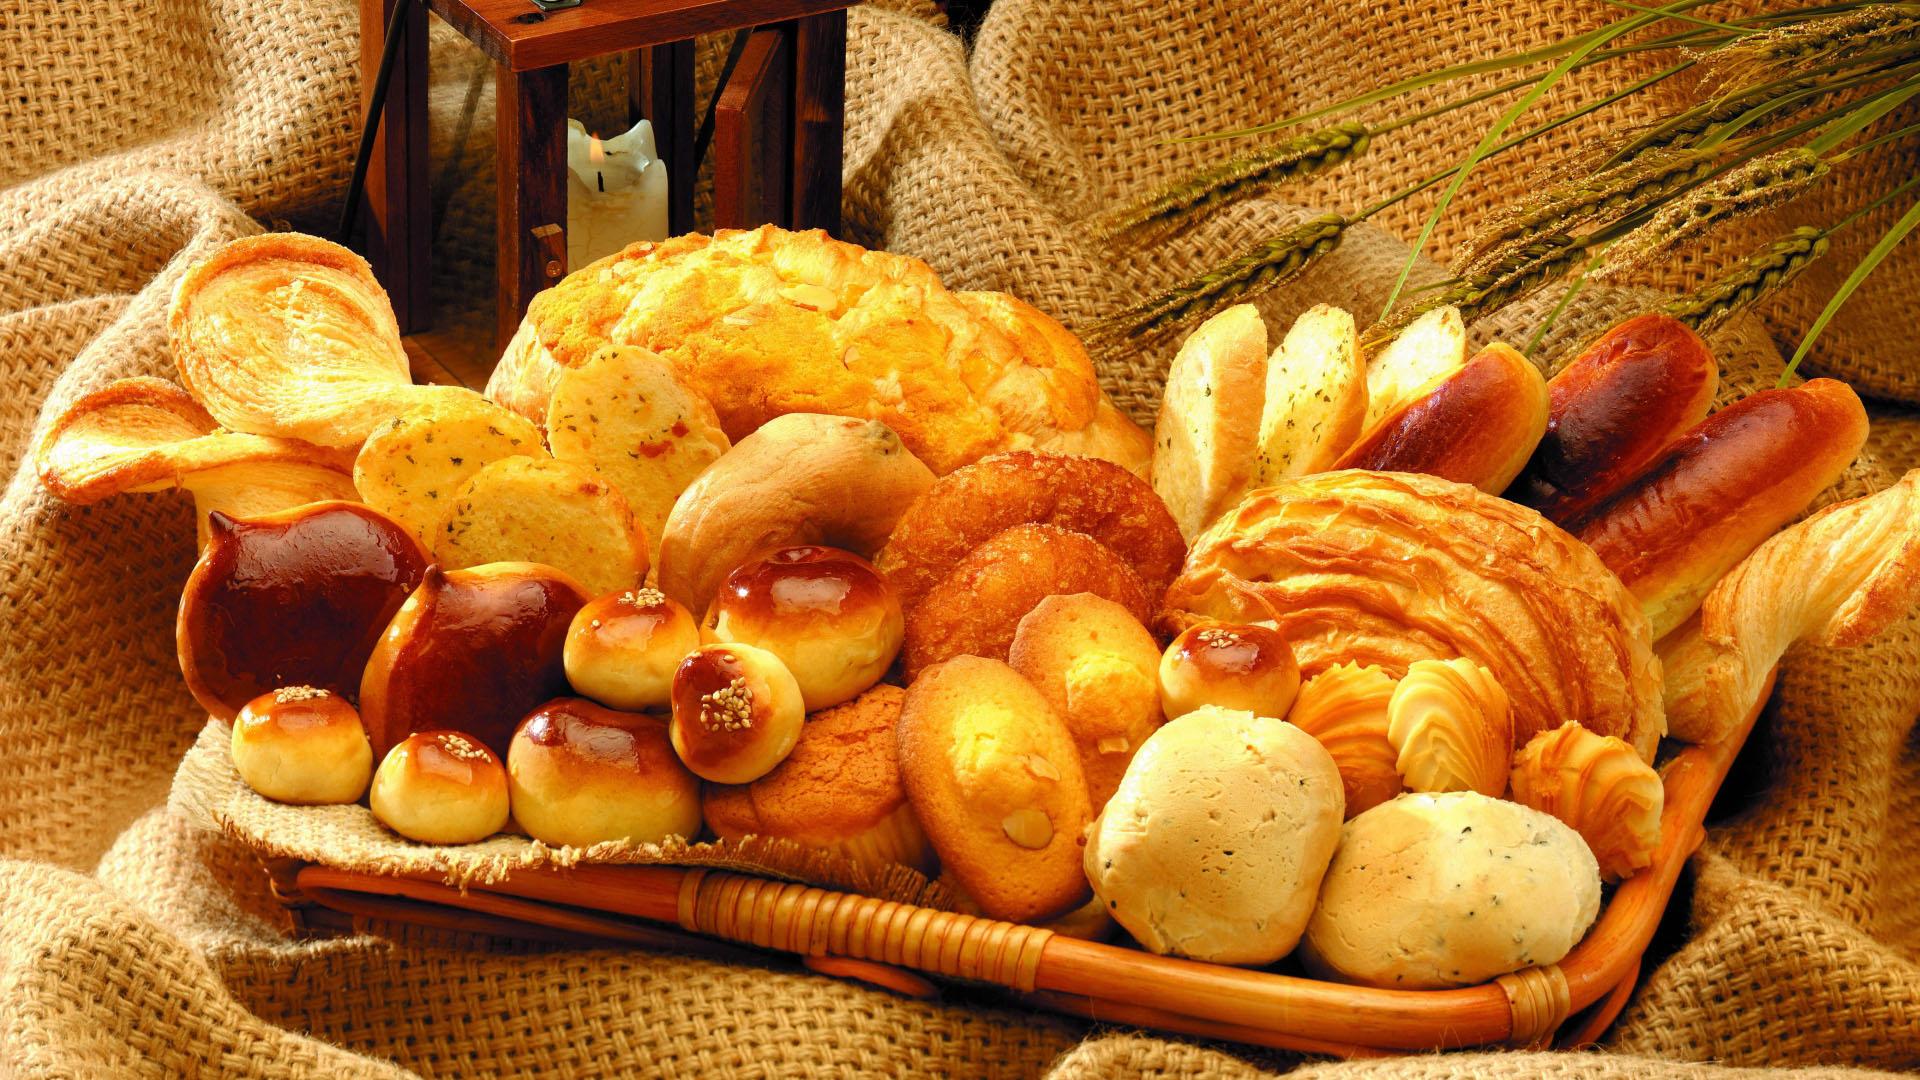 Картинки и изображения еды на рабочий стол - красивые и прикольные 3